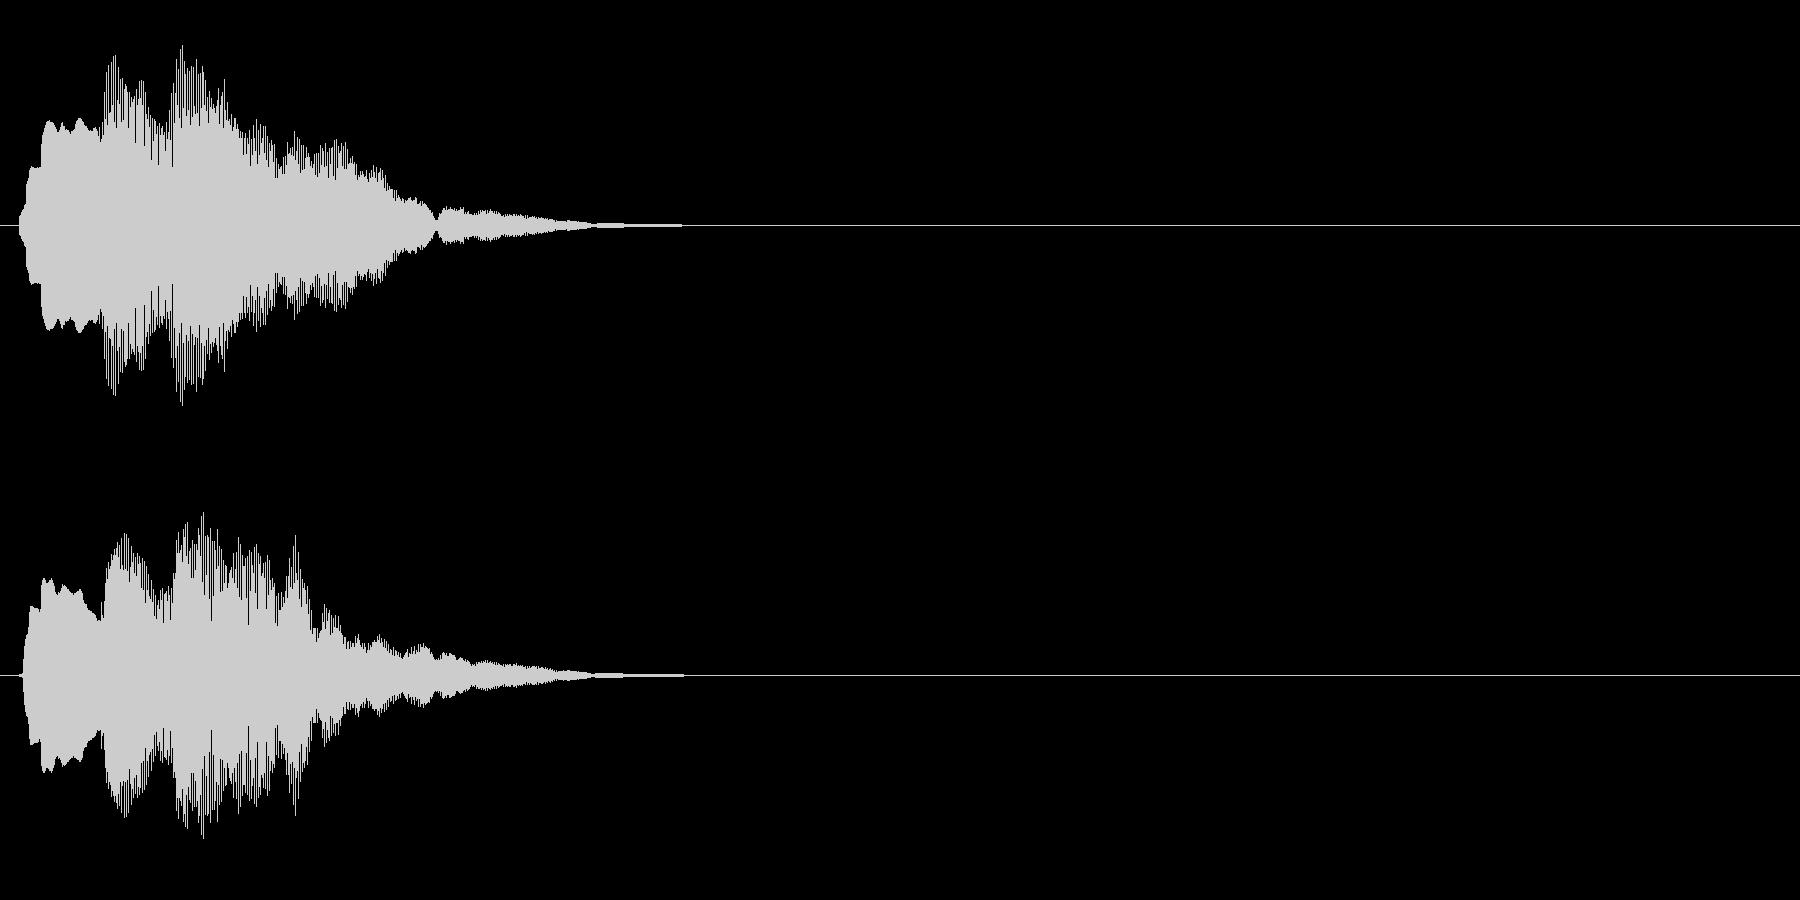 汎用 キラキラ系04(中) 決定音の未再生の波形